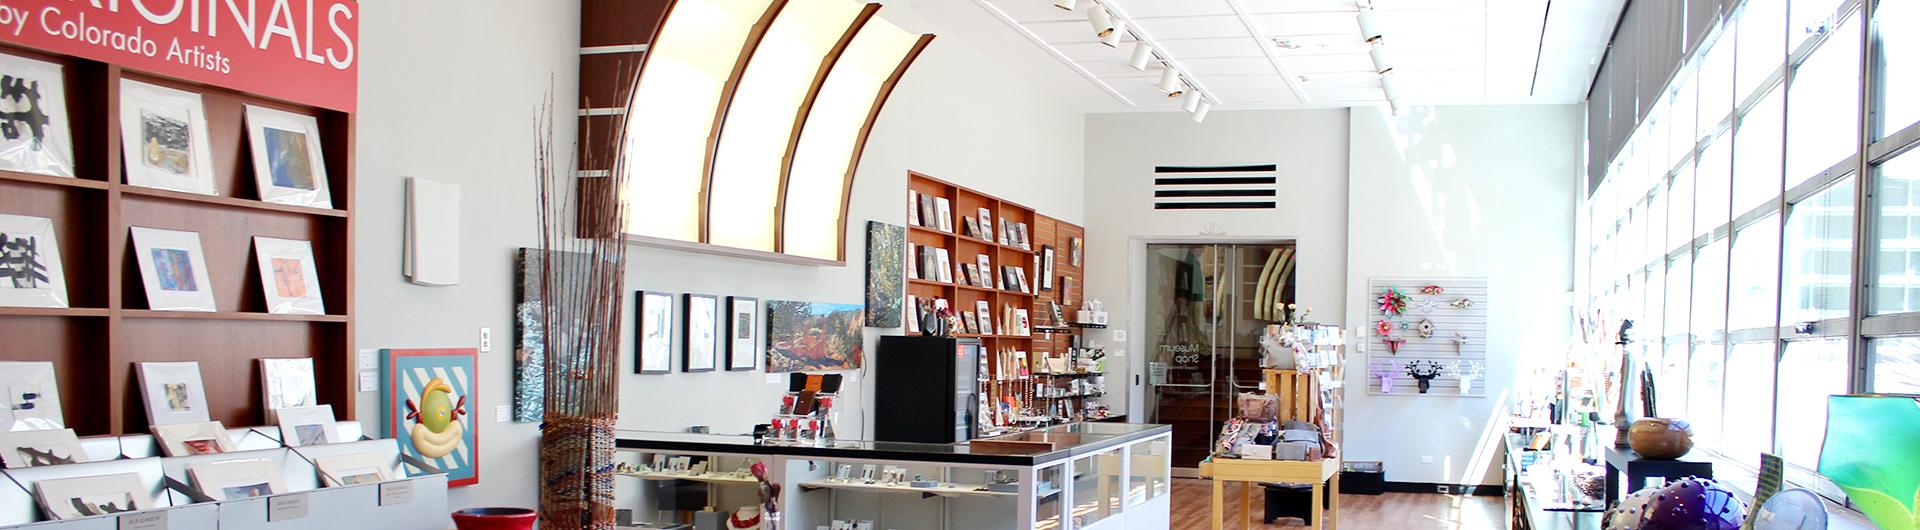 Museum Shop - Fine Arts Center